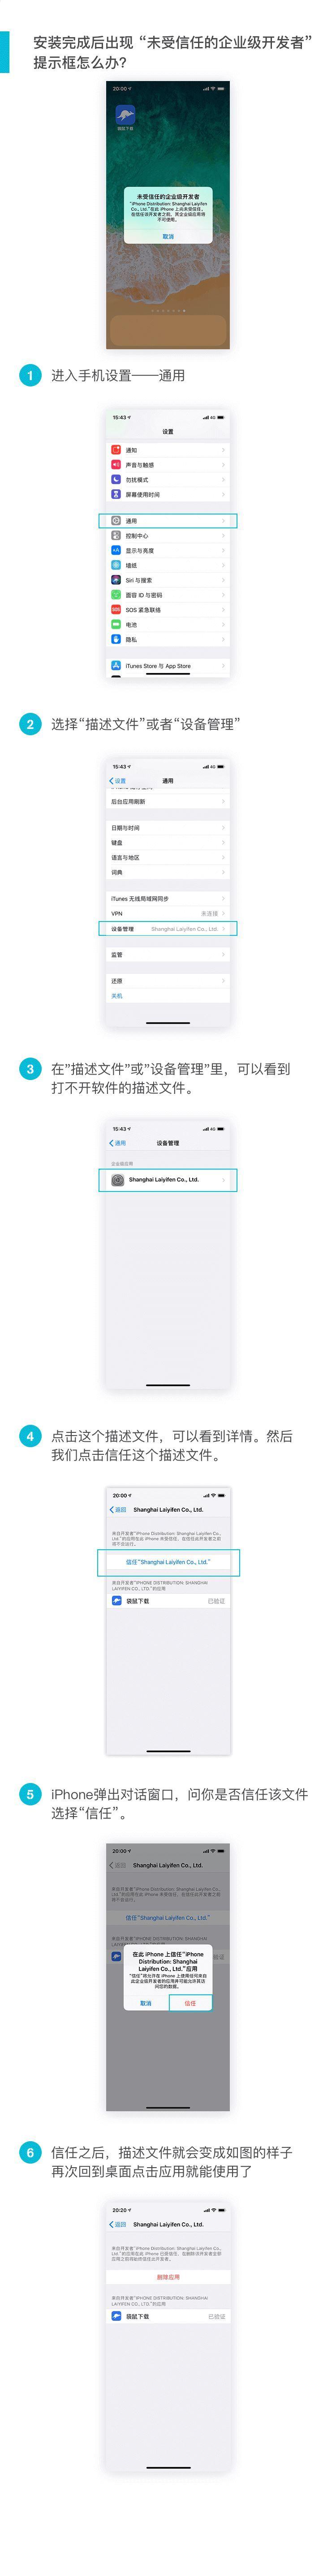 iOS下载利器,袋鼠下载,不限速的迅雷